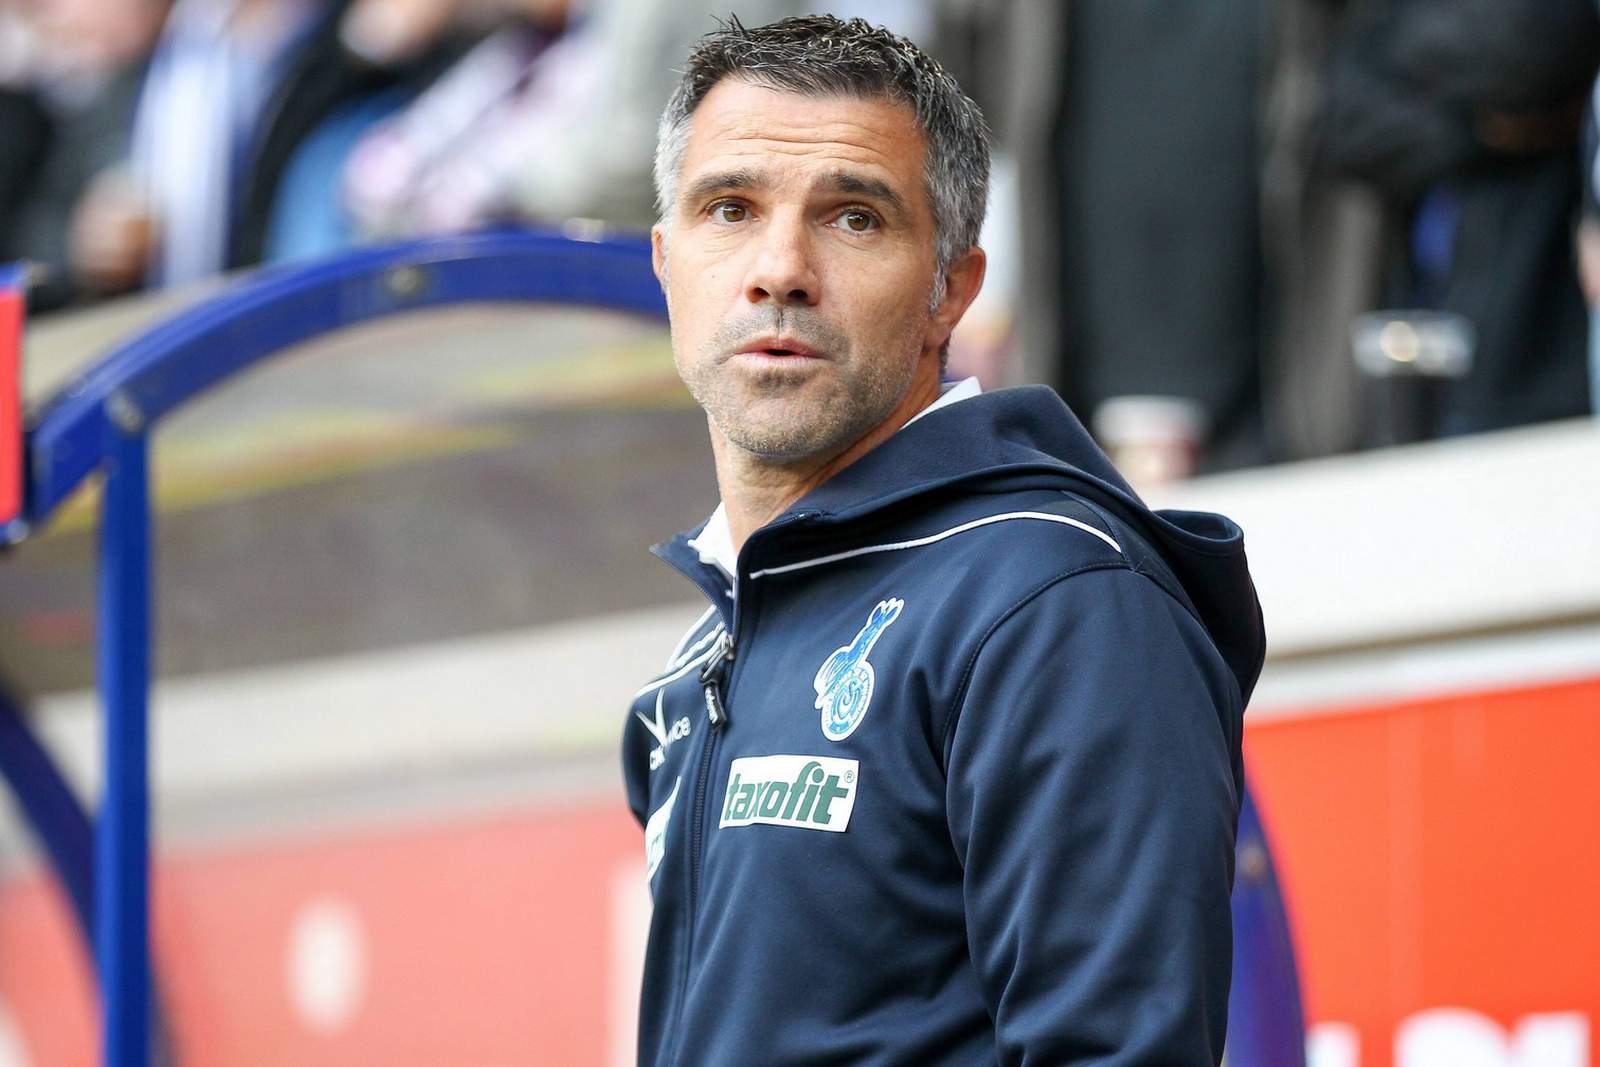 Gino Lettieri war zuletzt beim MSV Duisburg tätig.